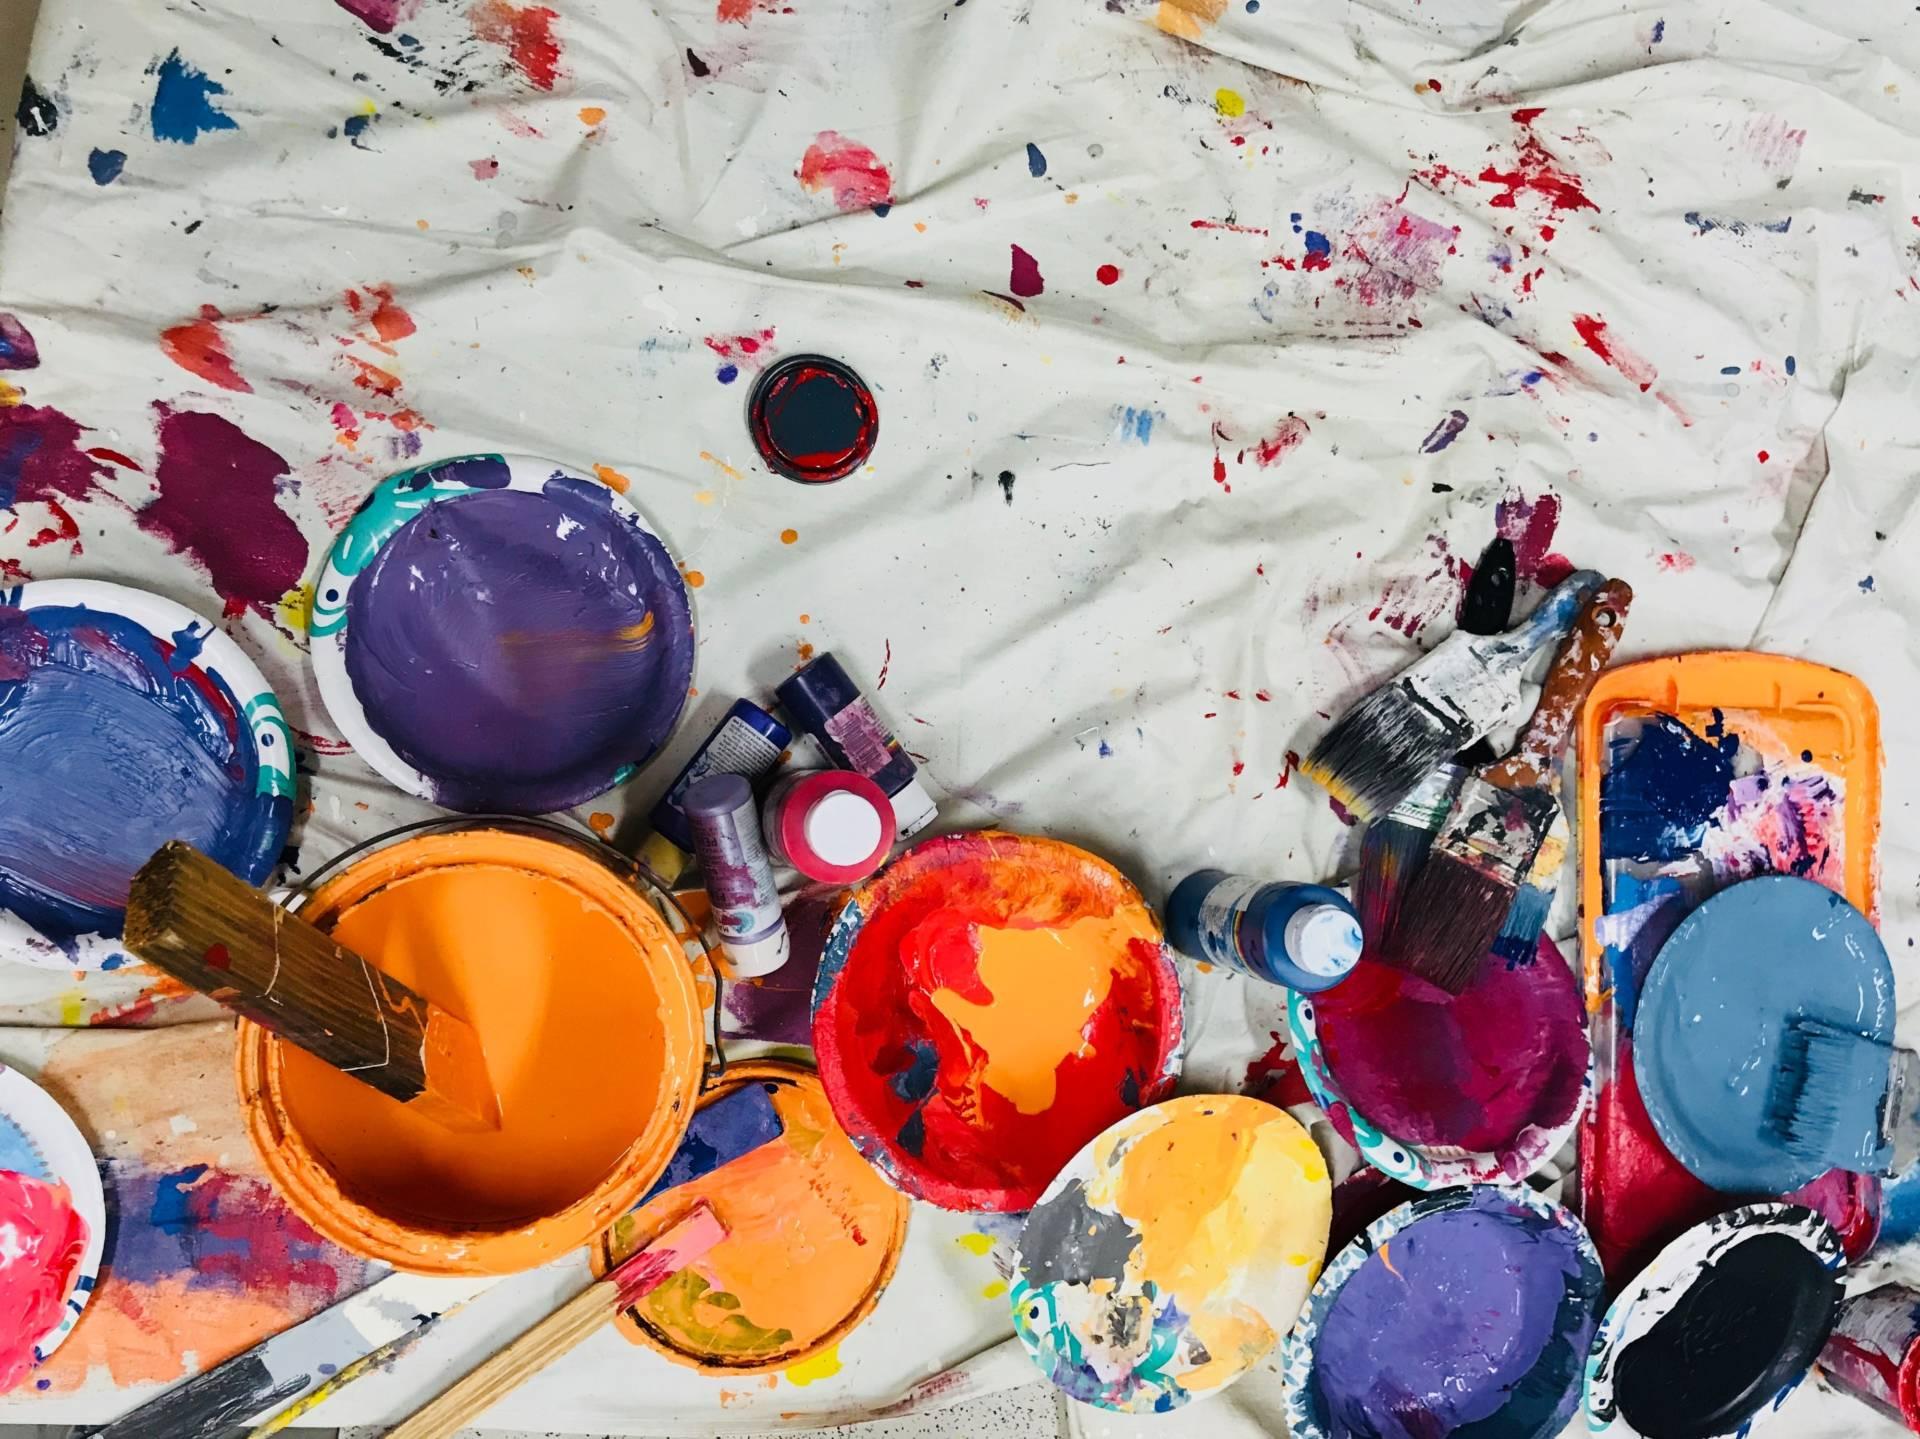 pots of paint